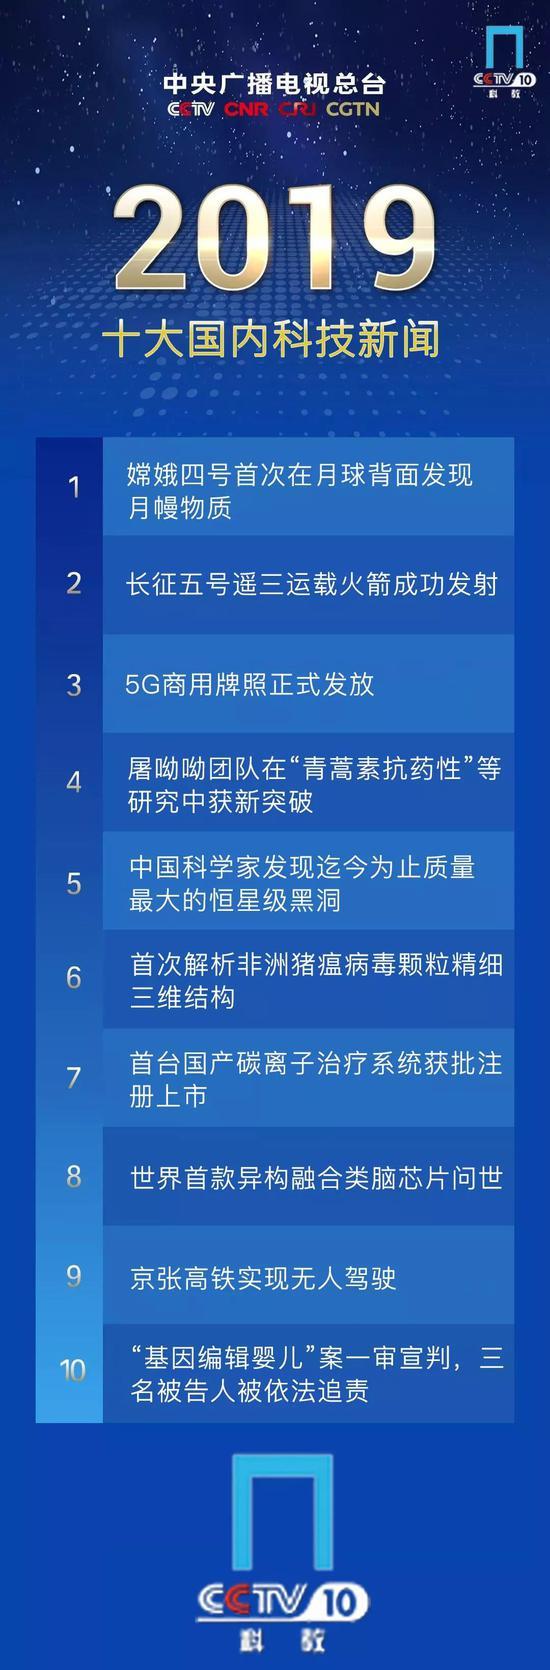 广西桂林客车失控超过百万网友参与讨论了这件事情